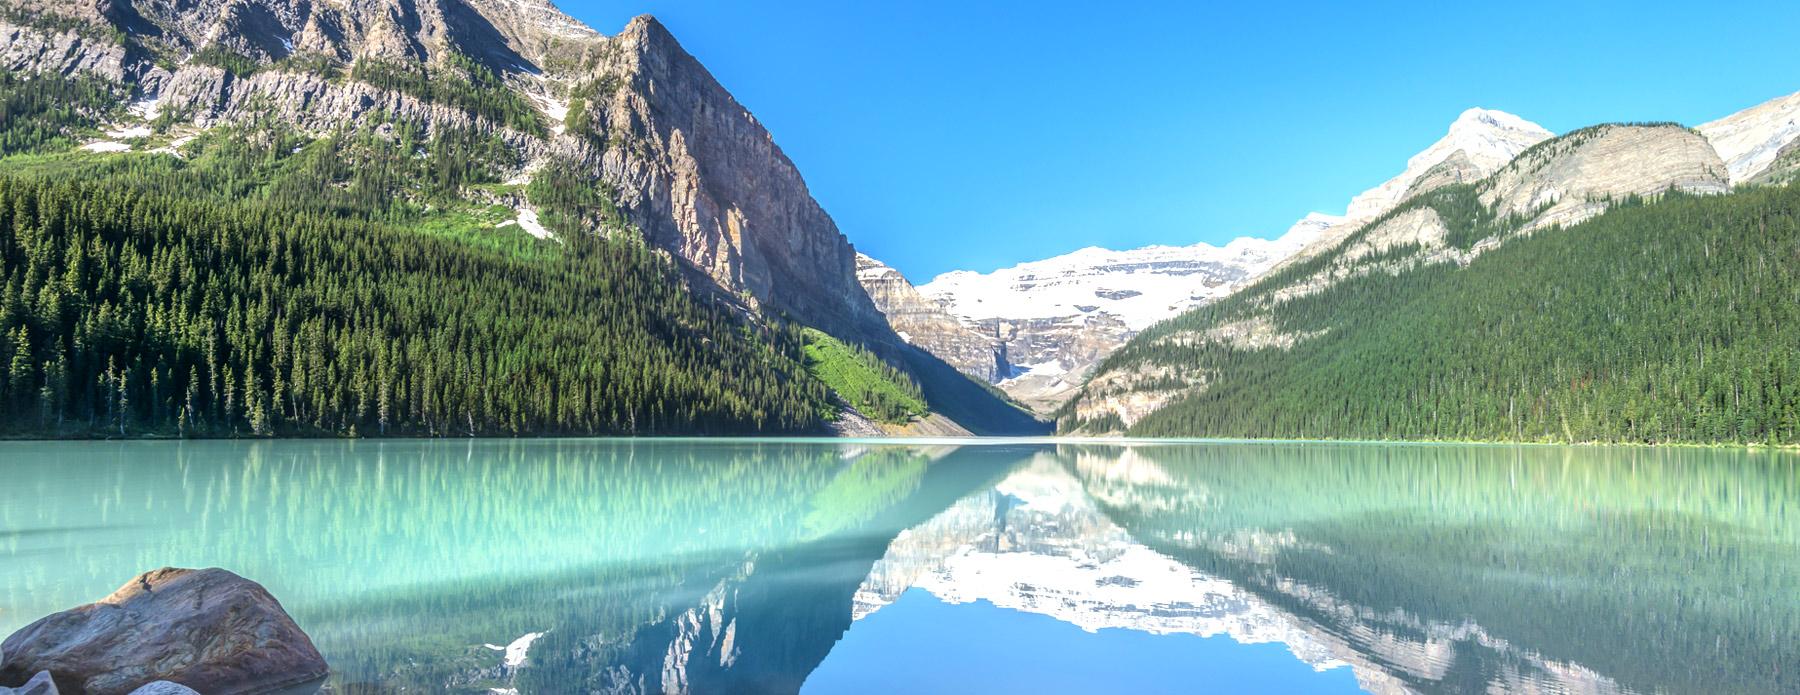 voyage dans les rocheuses canada